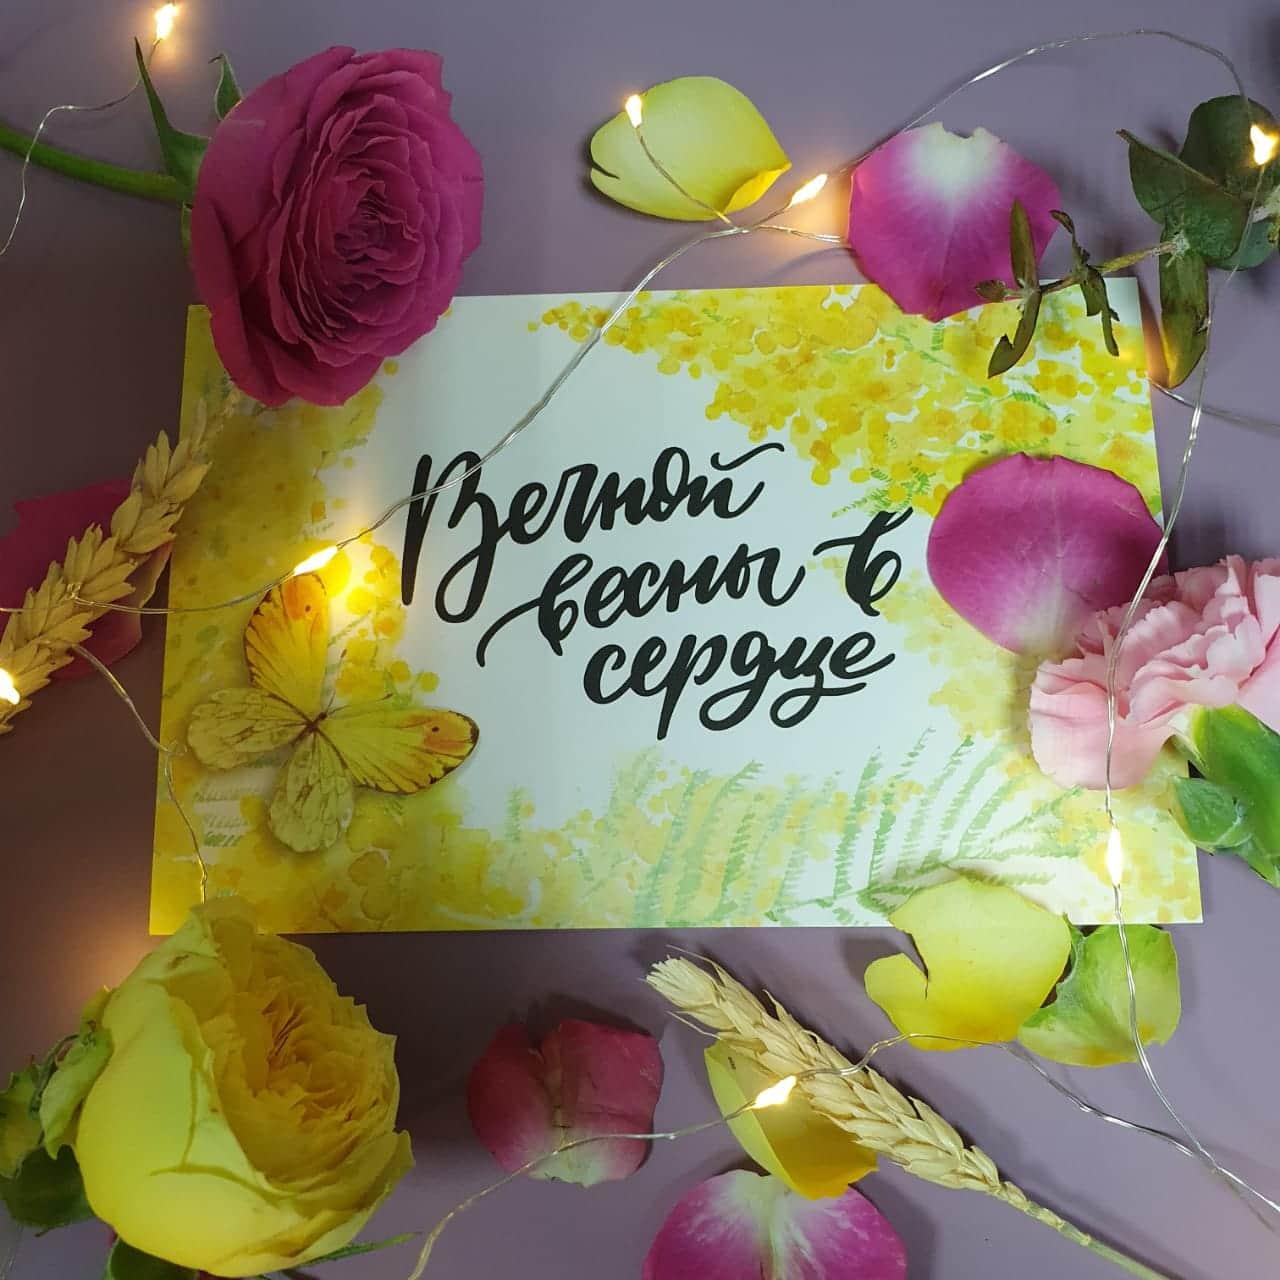 Открытка Вечной весны в сердце